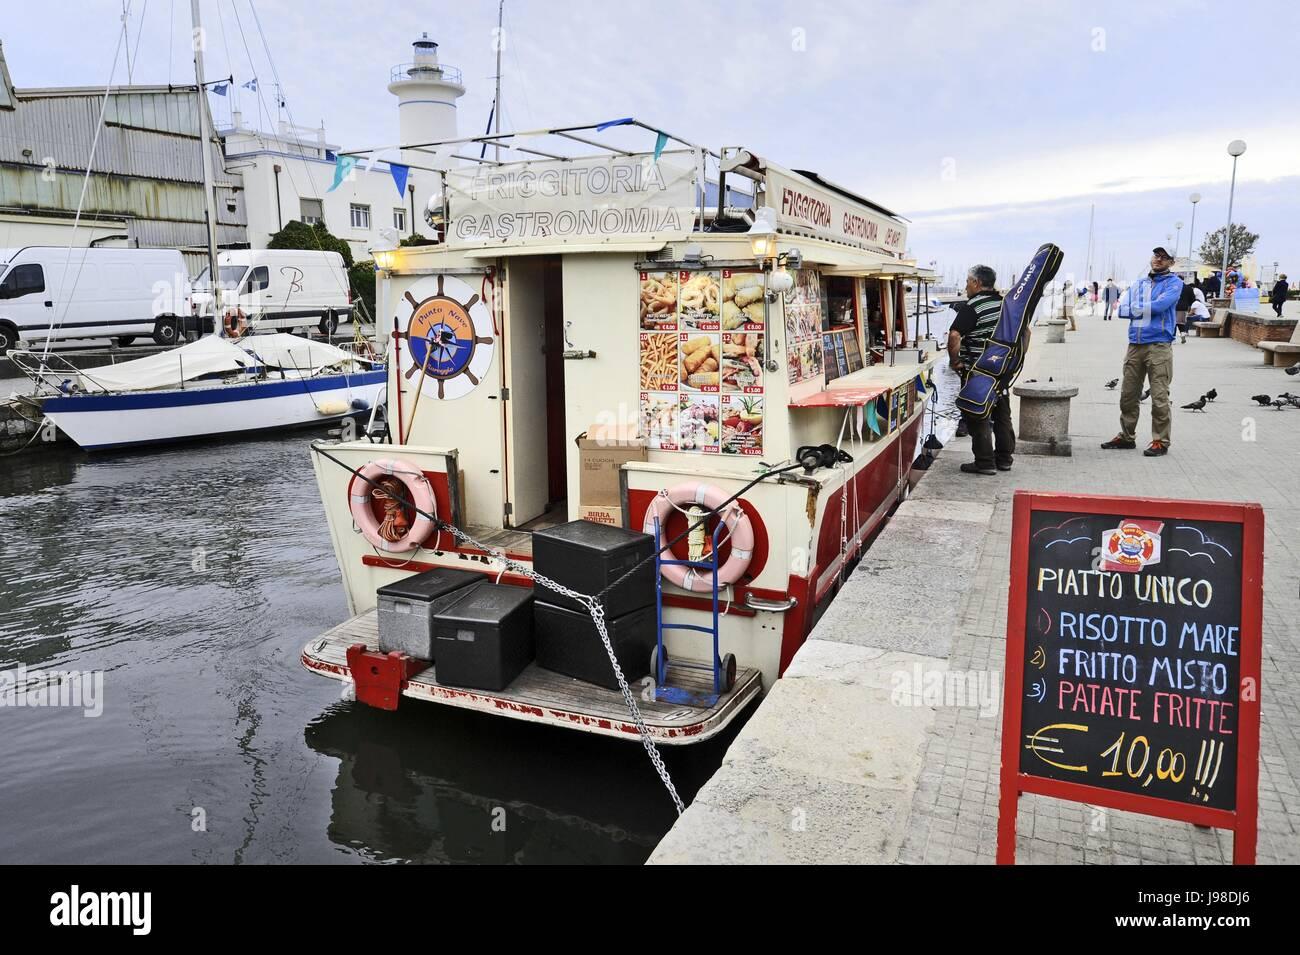 viareggio (toscana), località balneare, barca usata come un chiosco